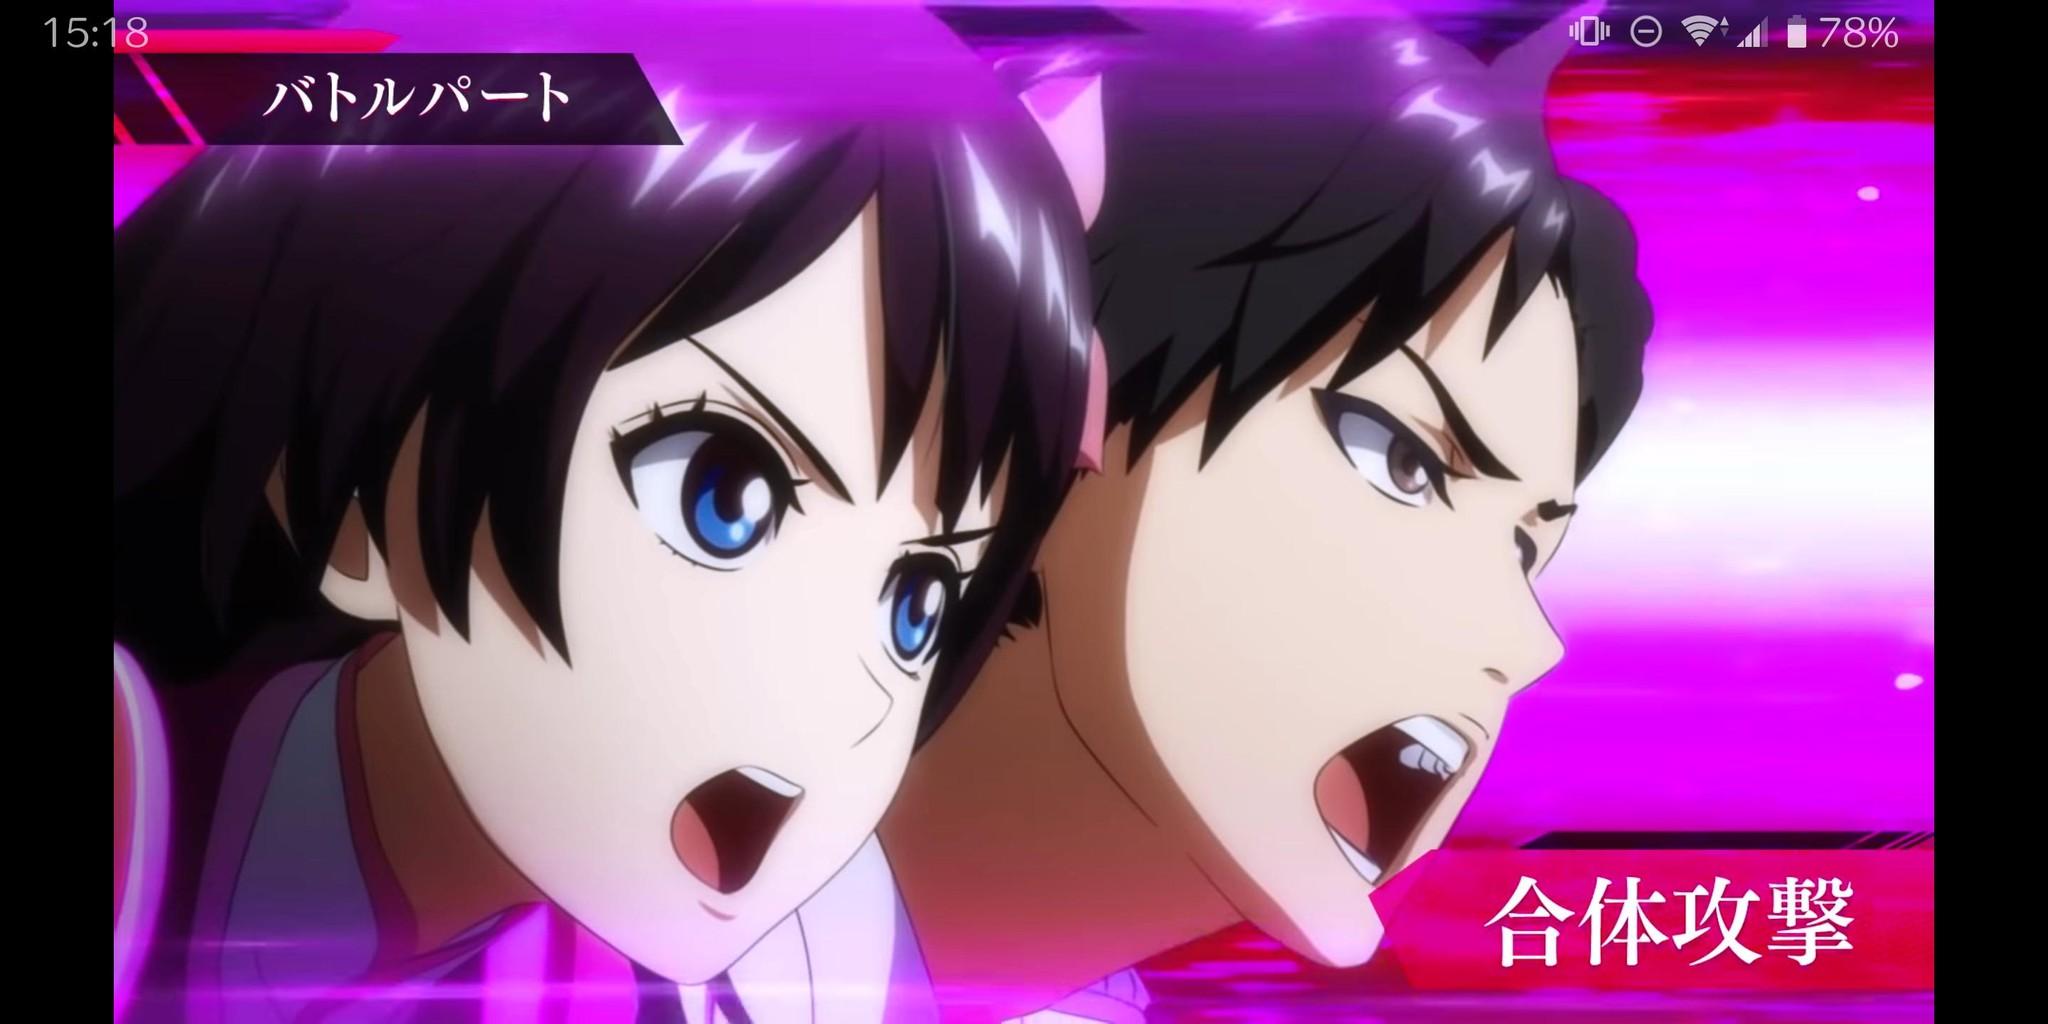 新サクラ大戦、TVアニメ化決定!!!